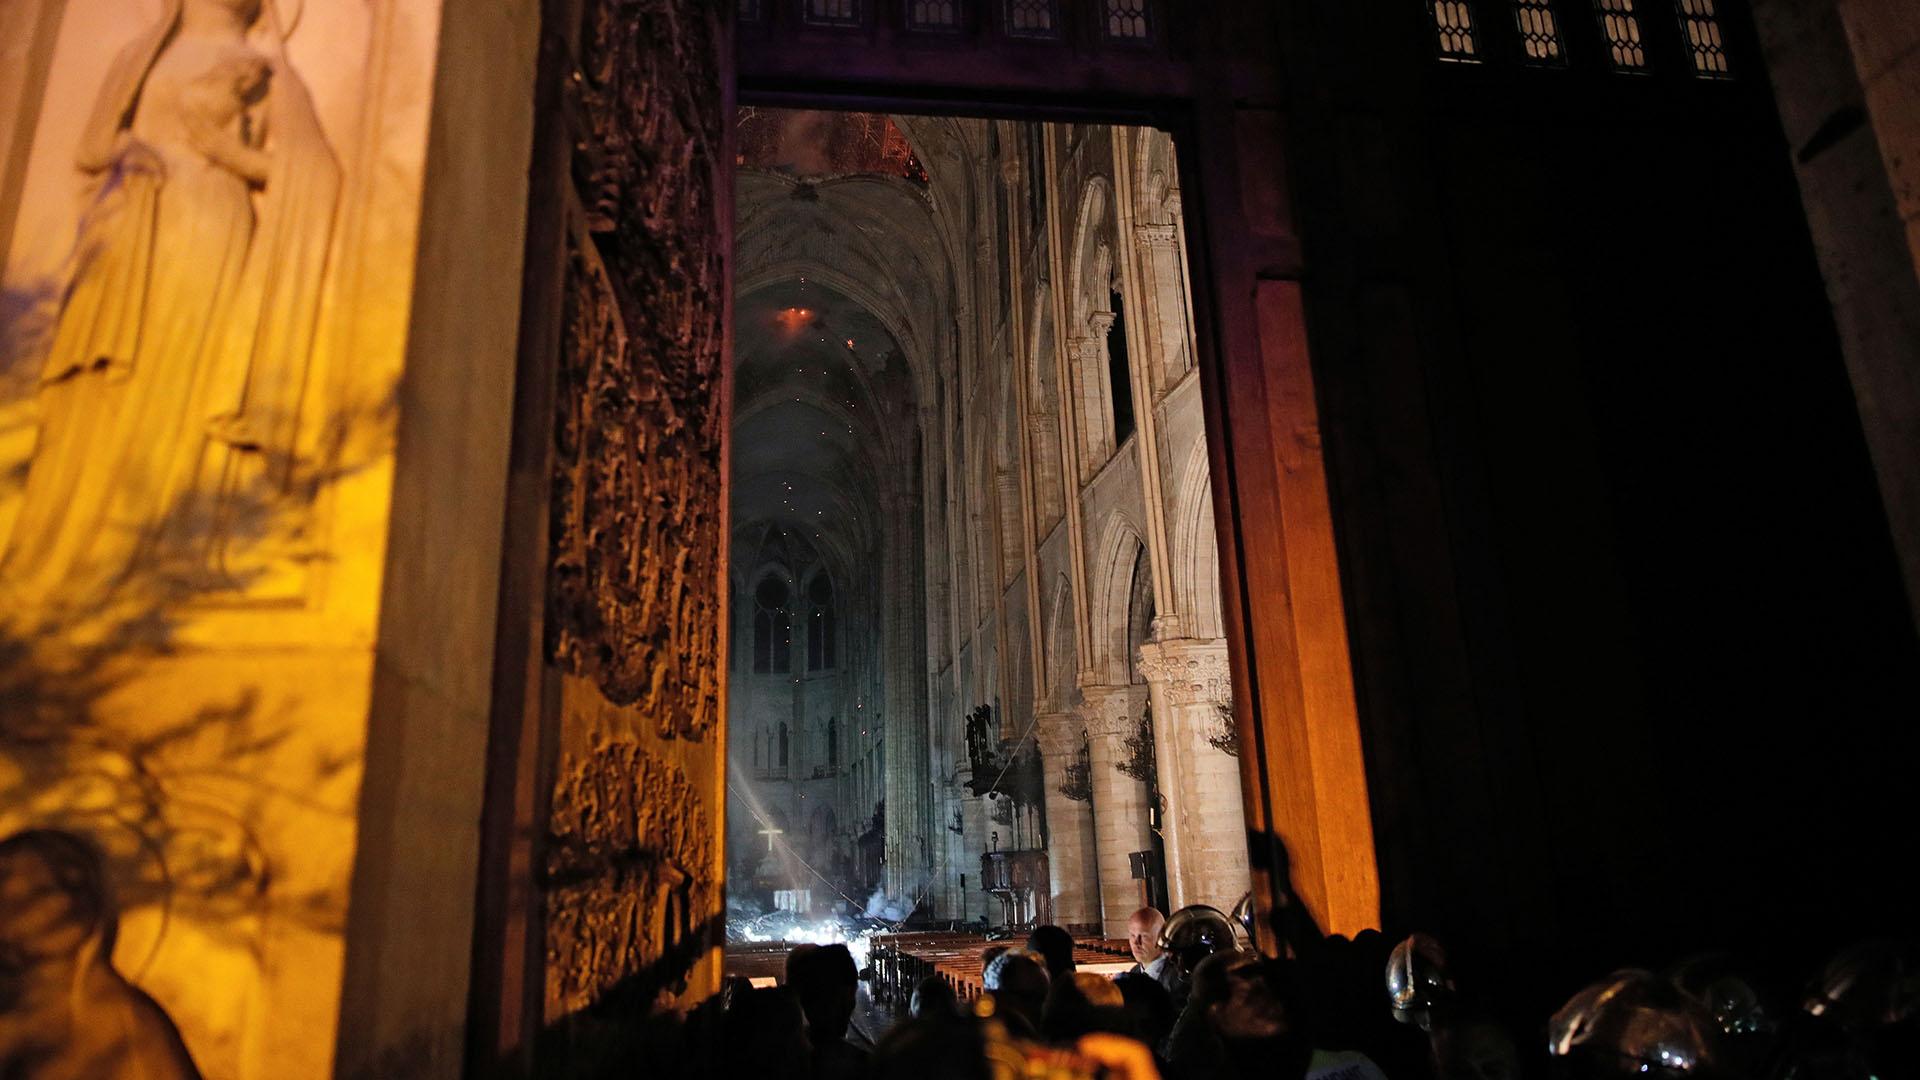 Las dos torres emblemáticas se mantuvieron en pie, así como el gran rosetón de la fachada sur, pero una puerta abierta de par en par dejaba entrever un montón de escombros ennegrecidos y algunas vigas de la armadura caídas